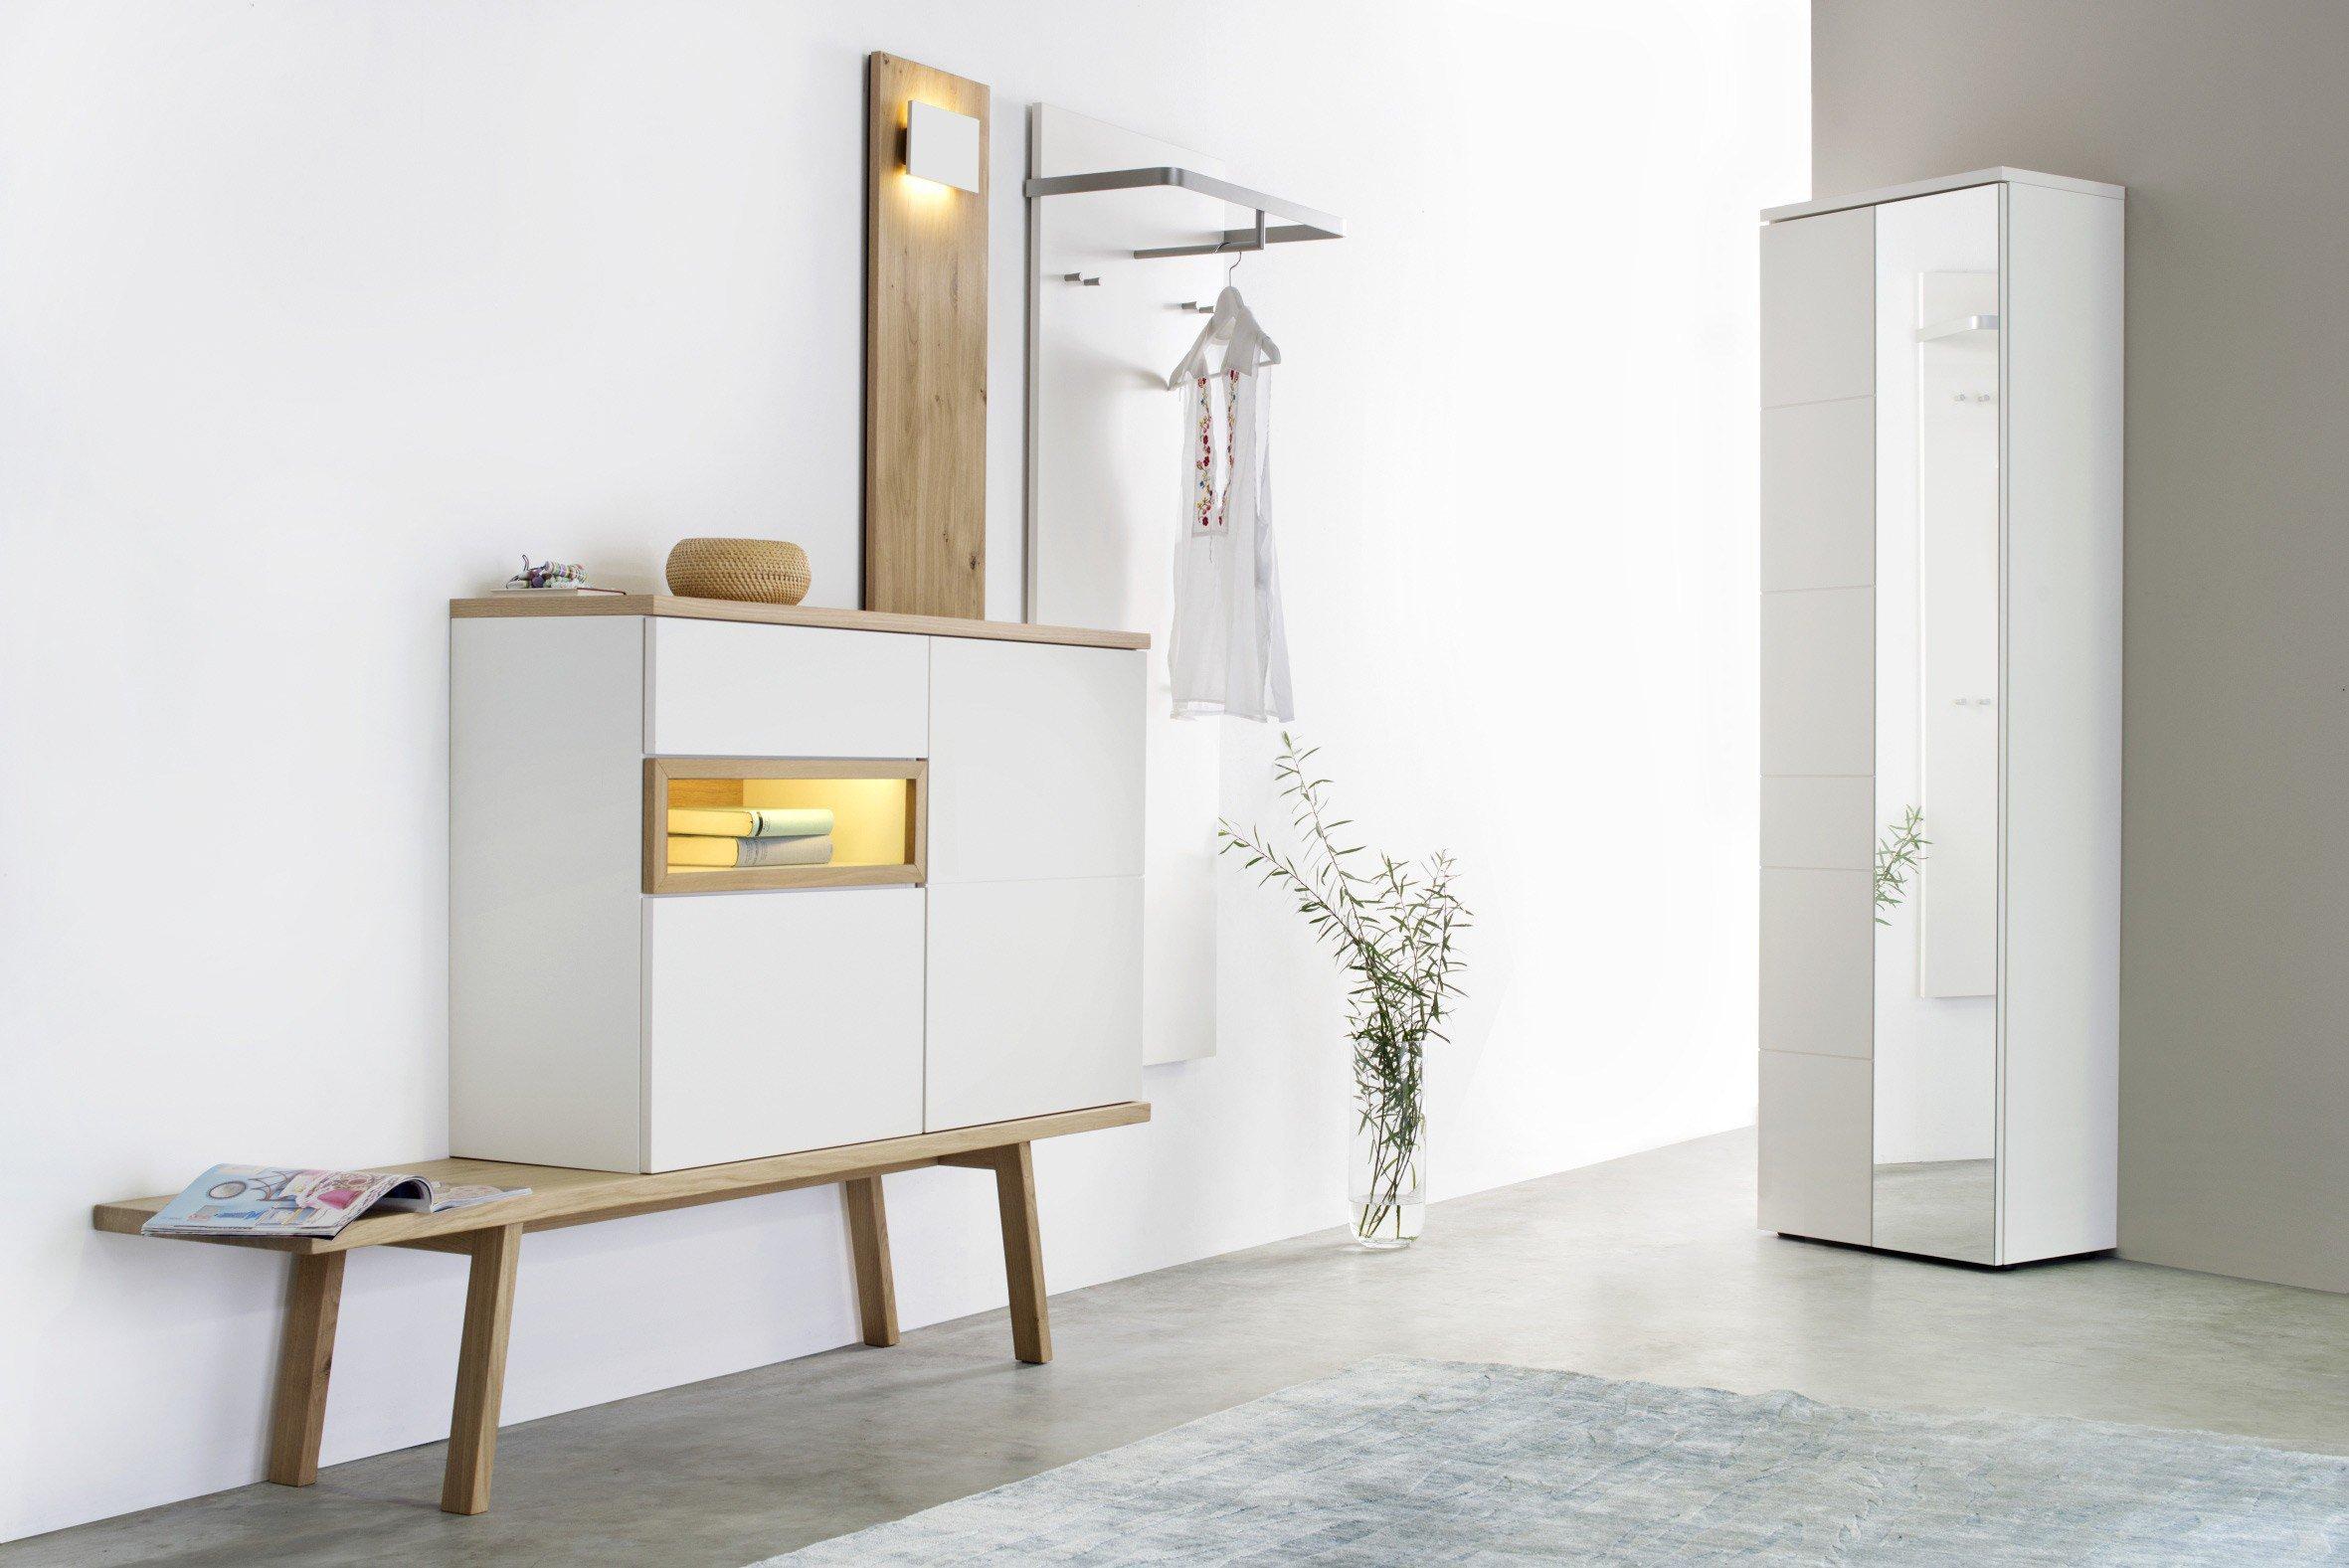 Skandinavische garderobe fia 04 m bel letz ihr online shop for Skandinavische mobel gebraucht